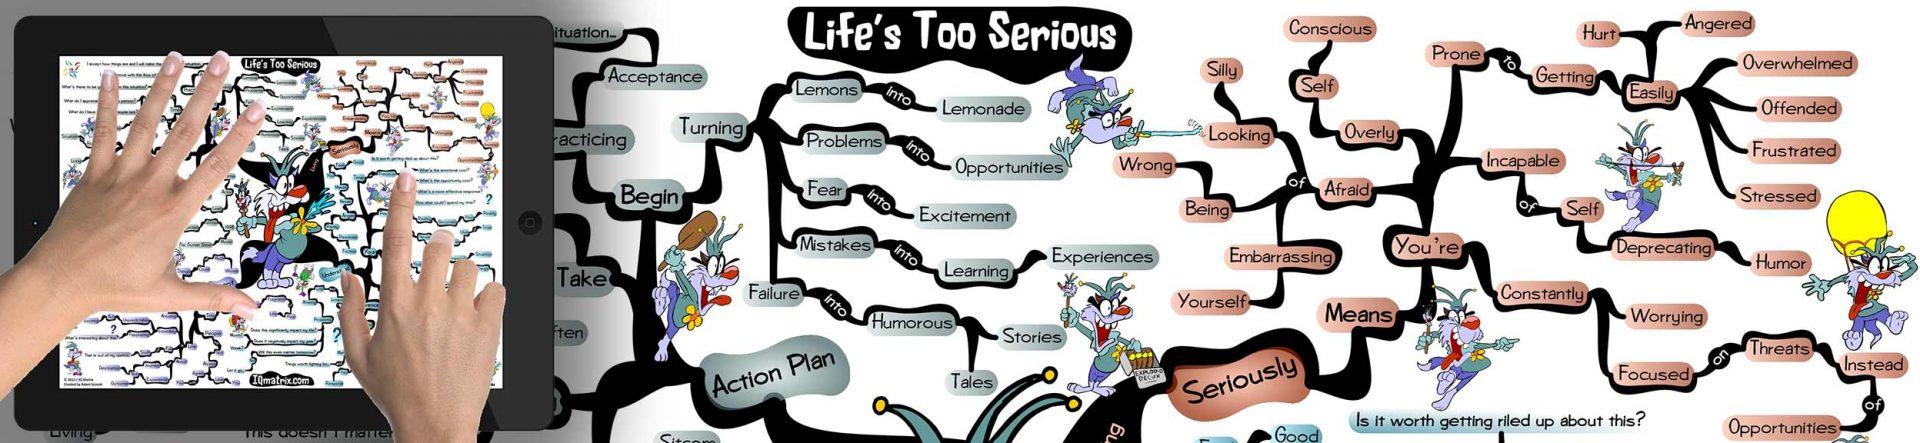 Life's too Serious